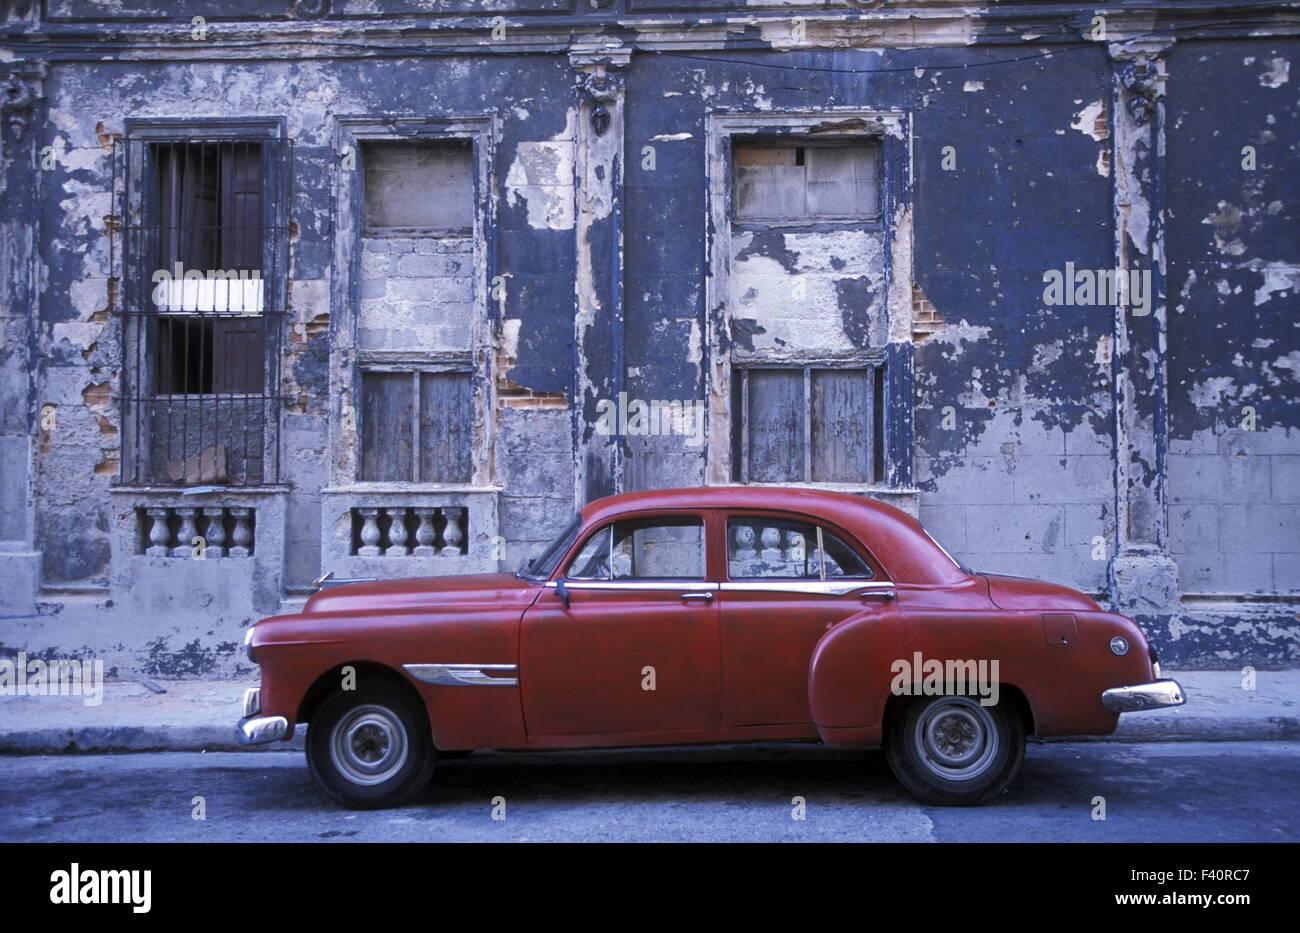 AMERICA CUBA HAVANA - Stock Image